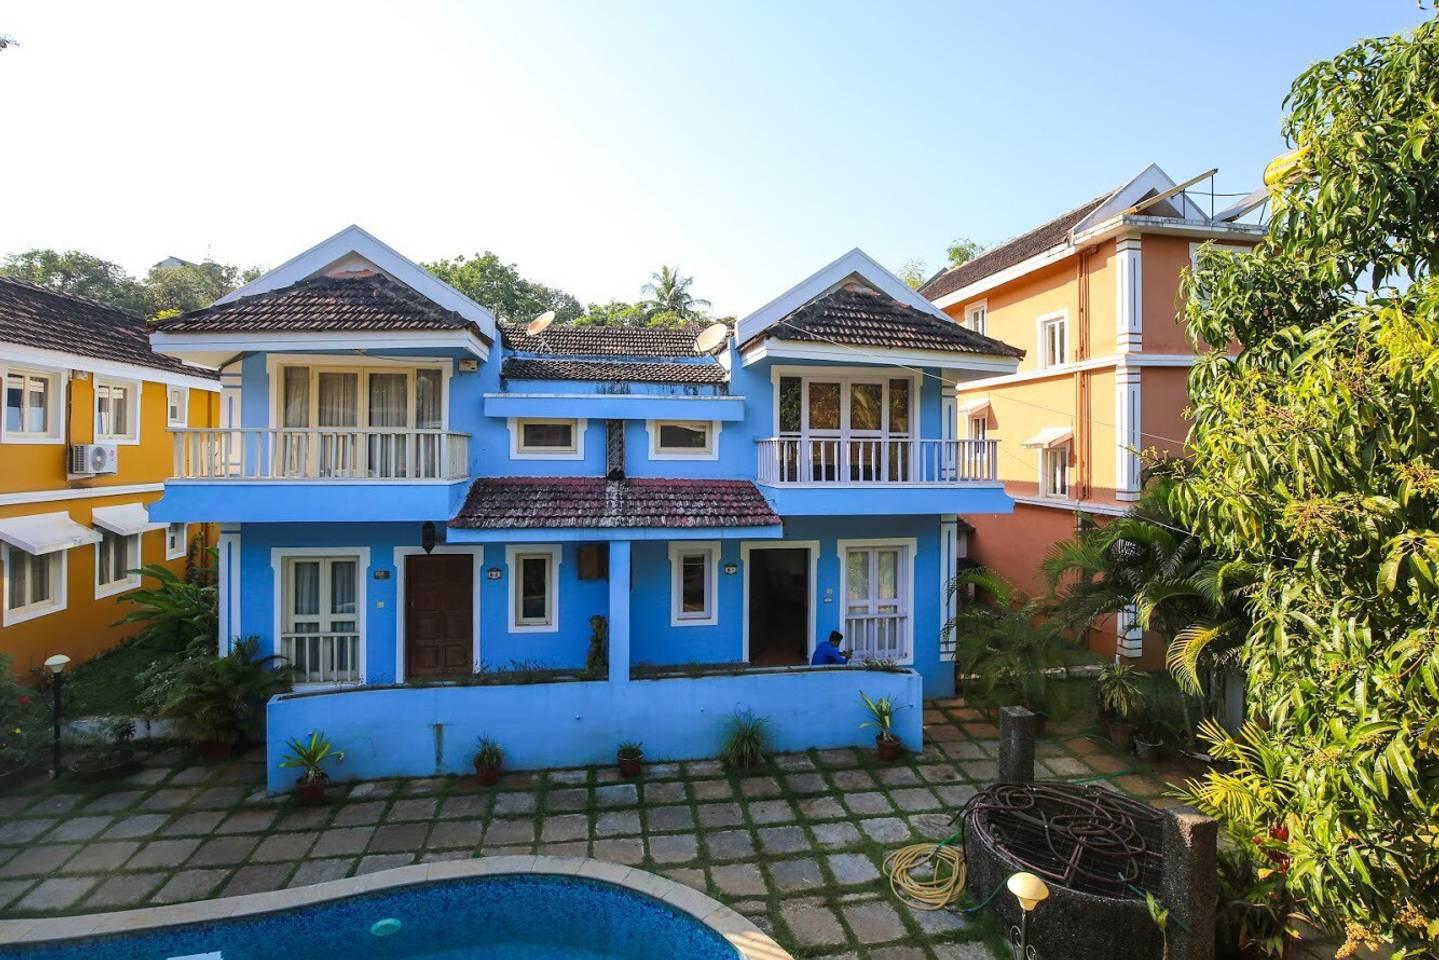 Apartment Poolview Goan Courtyard- Studio Apartment photo 18332715